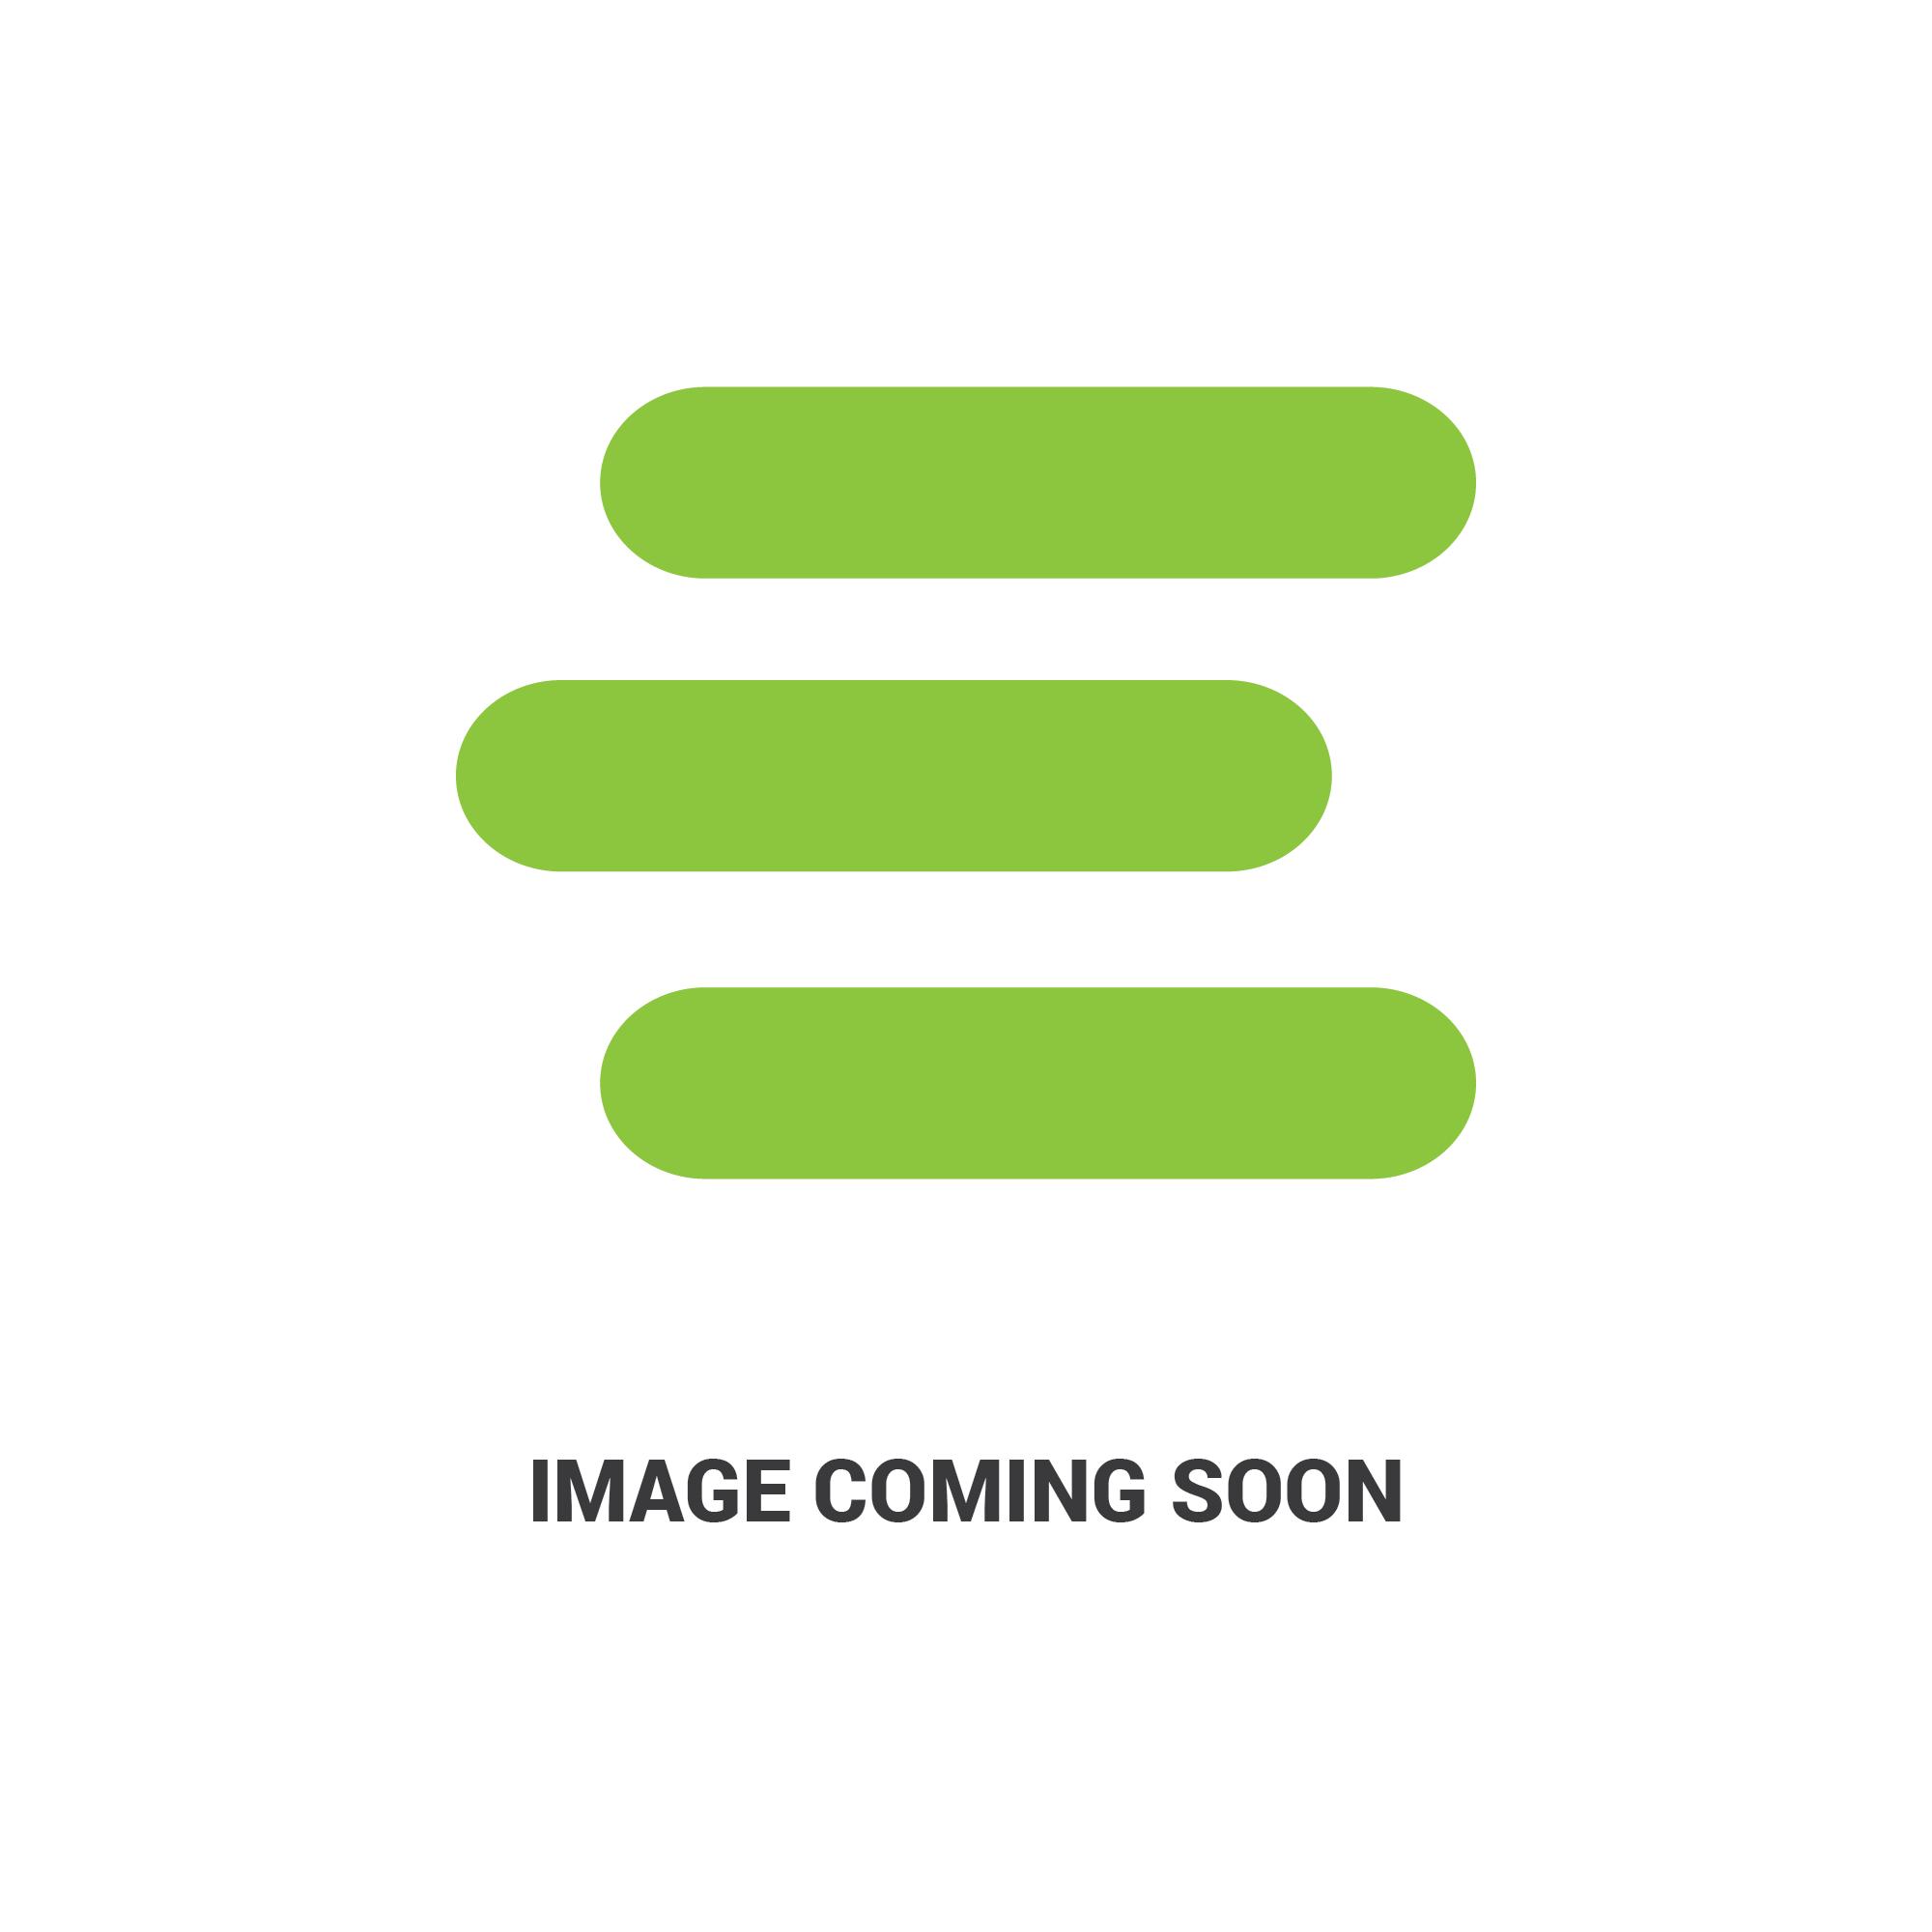 E-A596931050_1.jpg